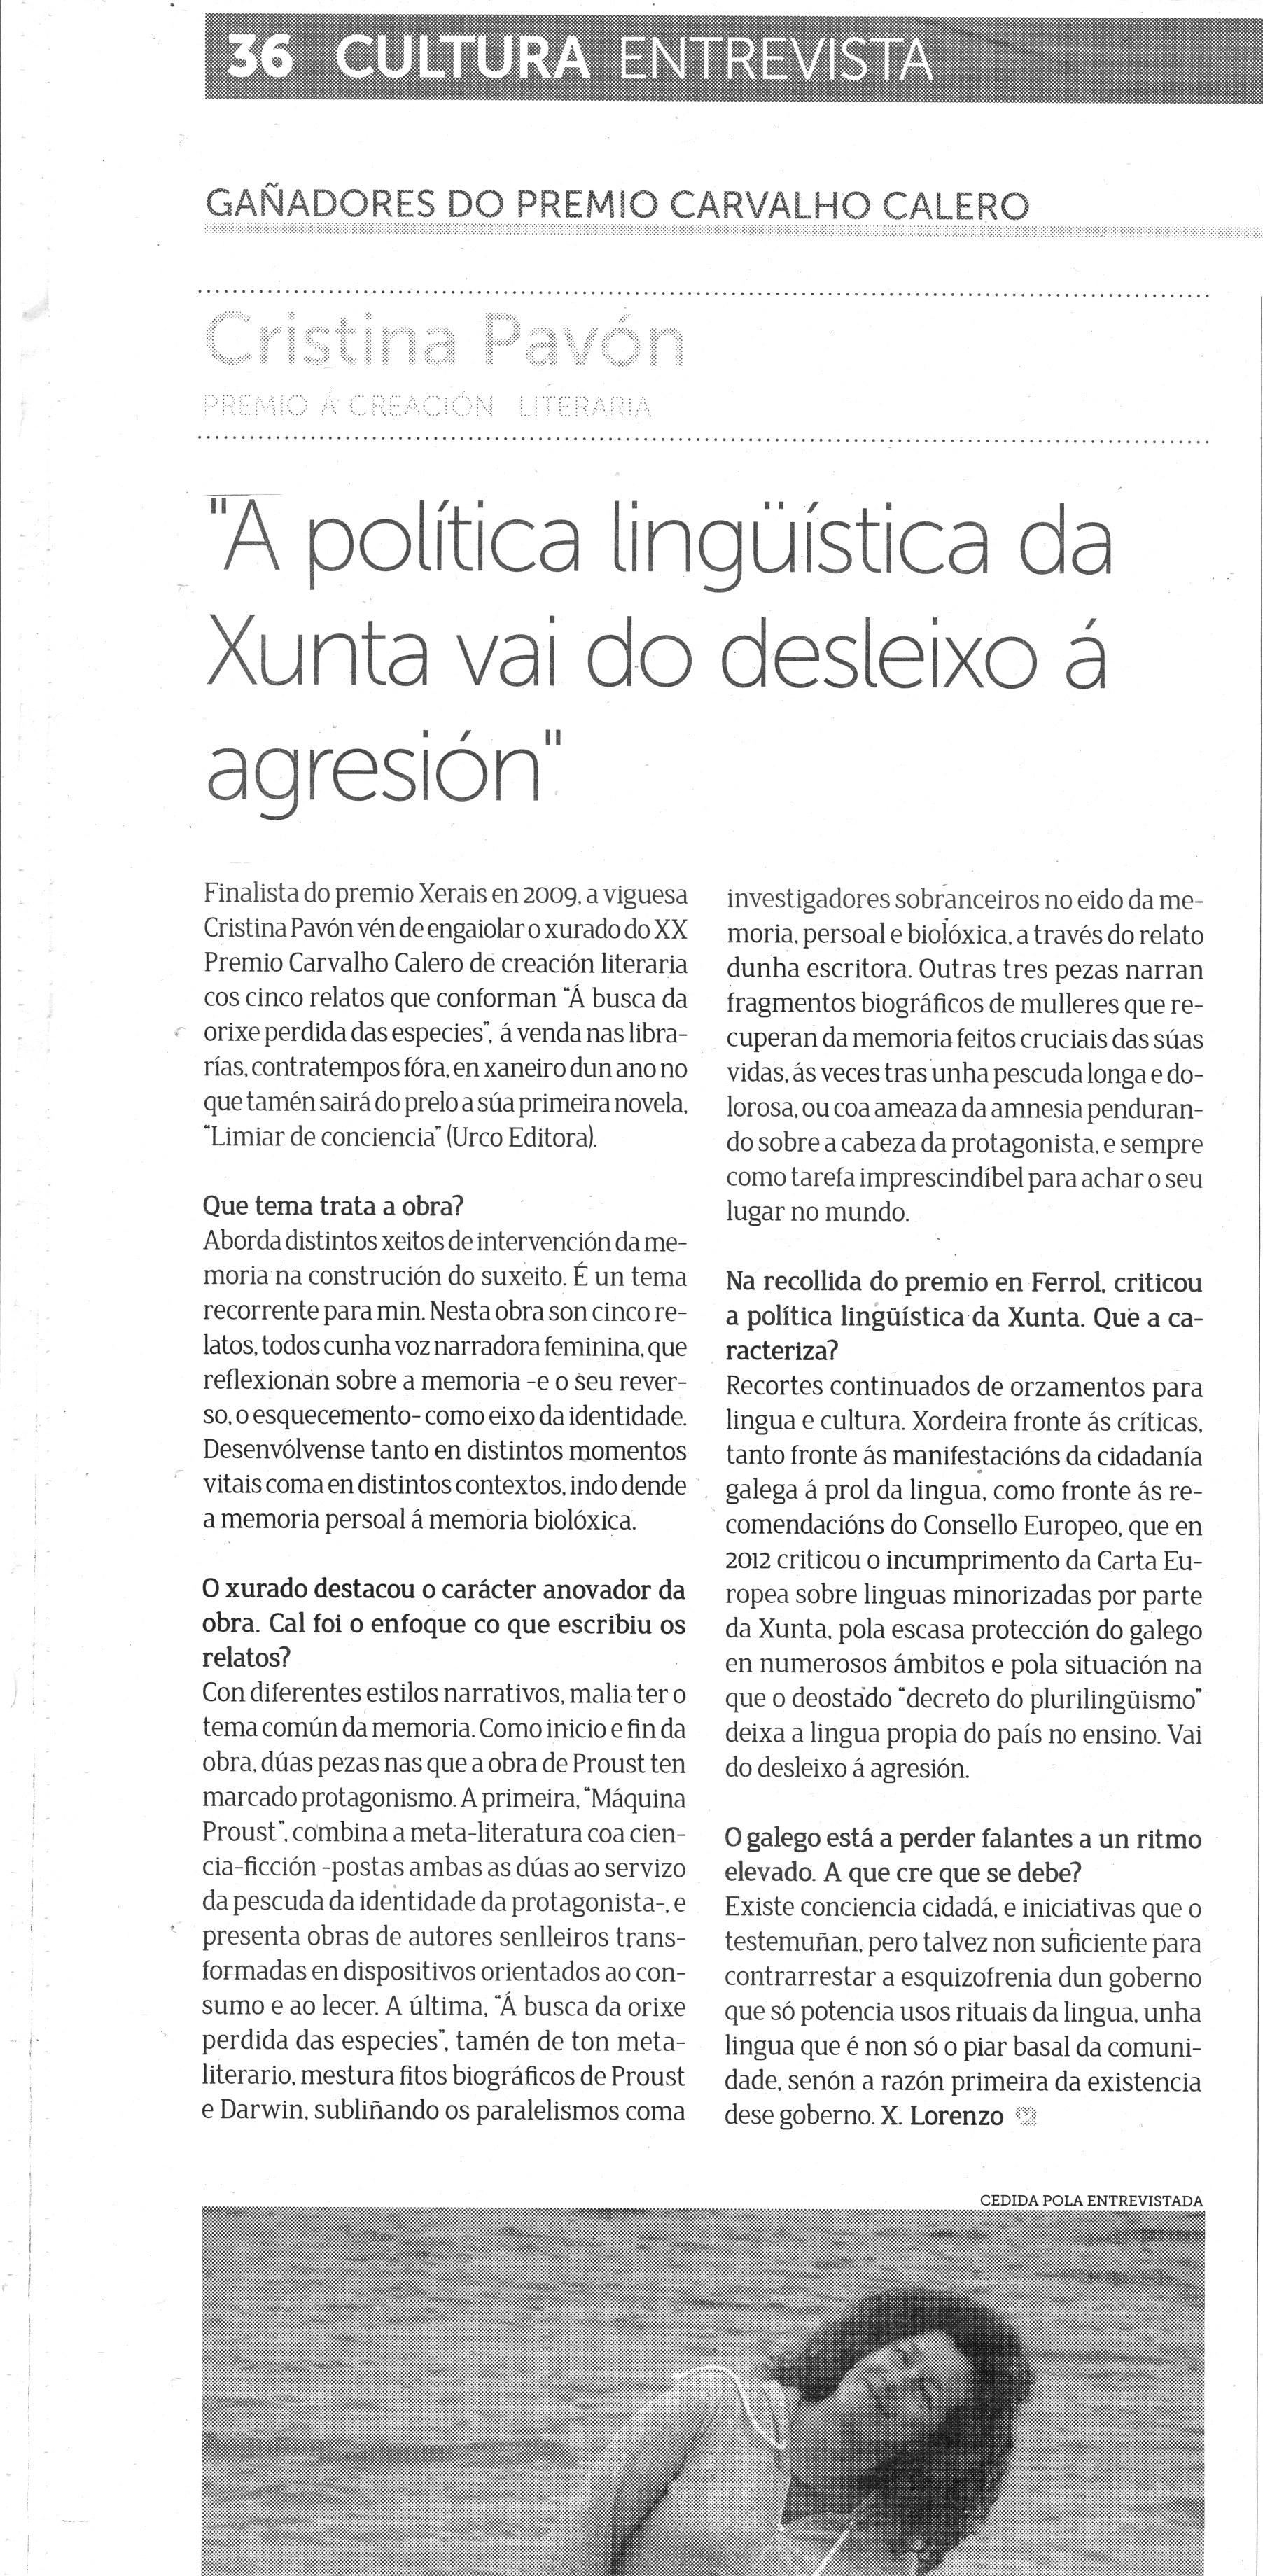 _entrevista_sermos_carvalho_calero